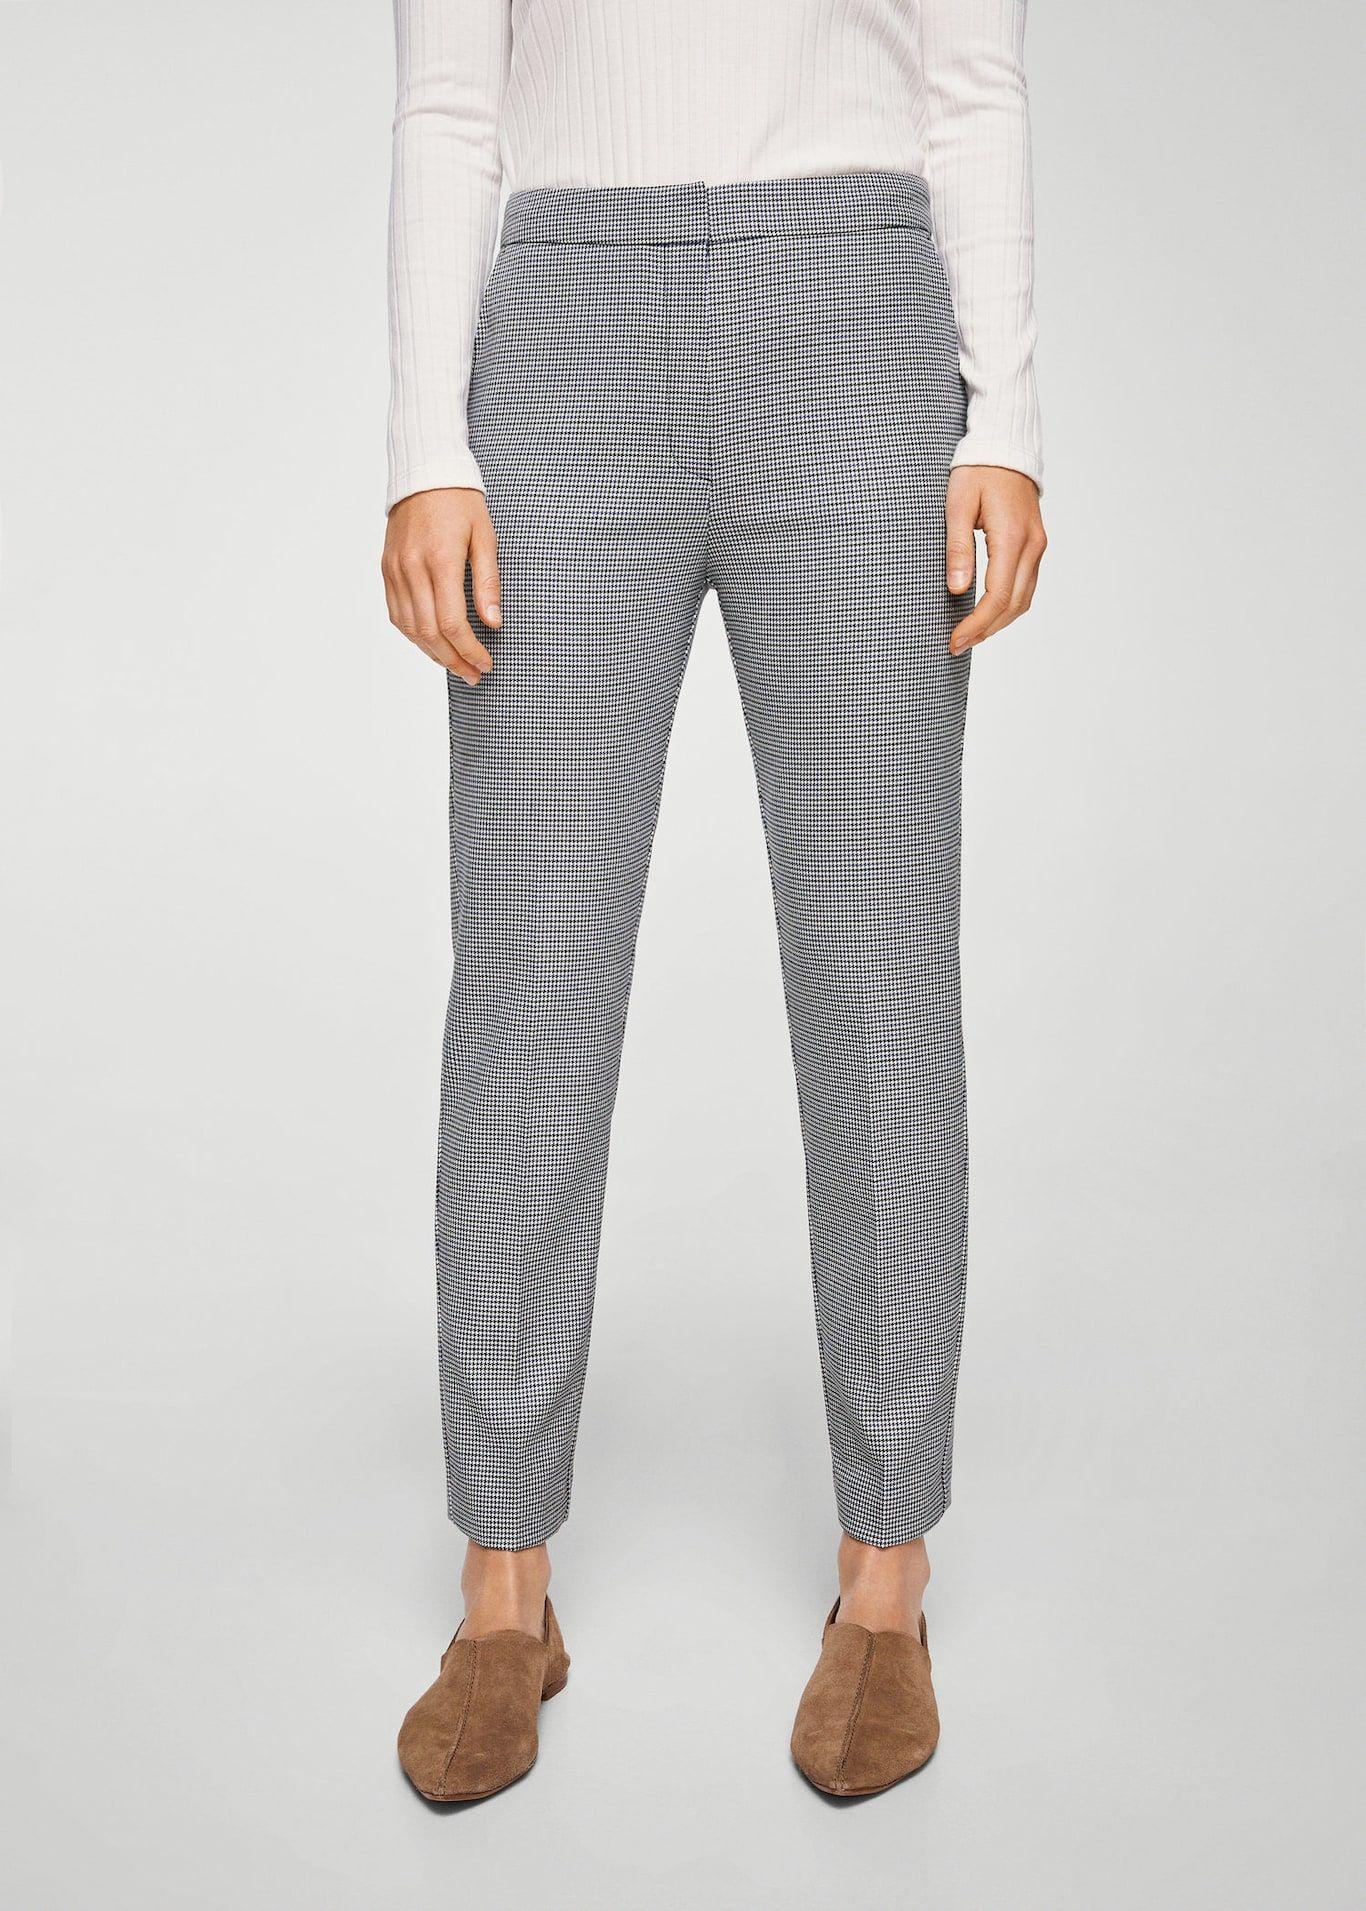 online retailer 08ab5 f5bed Pantalón pata de gallo Pata De Gallo, Bolsos, Rectas, Pantalones, Mujeres,